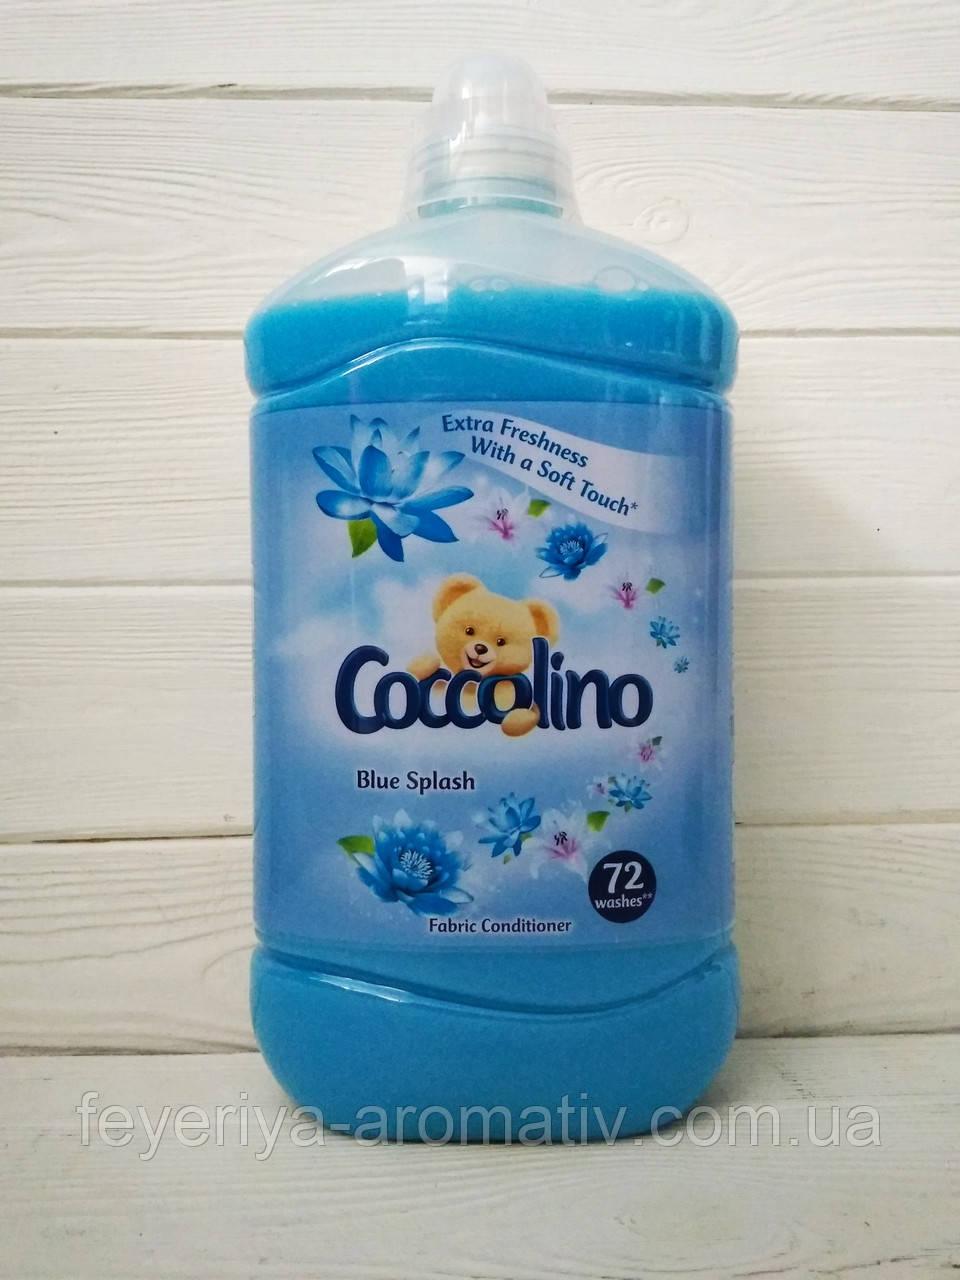 Кондиционер для белья Coccolino Blue Splash 1.8л (72 стирки)